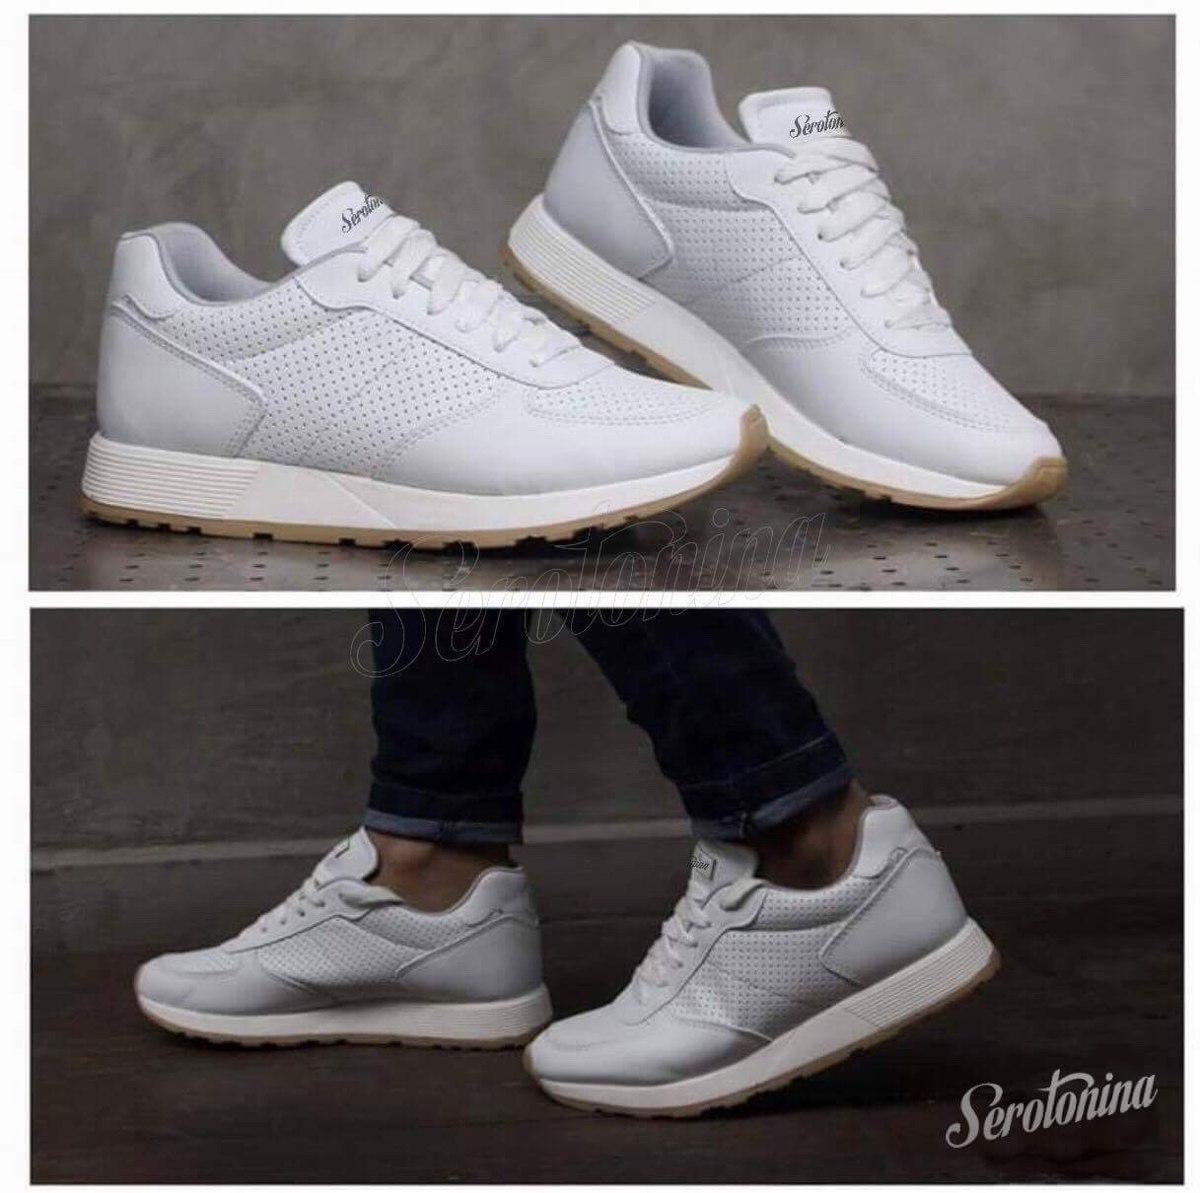 aafb1692ae8 zapatillas hombre urbanas verano otoño 2018 zapatos original. Cargando zoom.